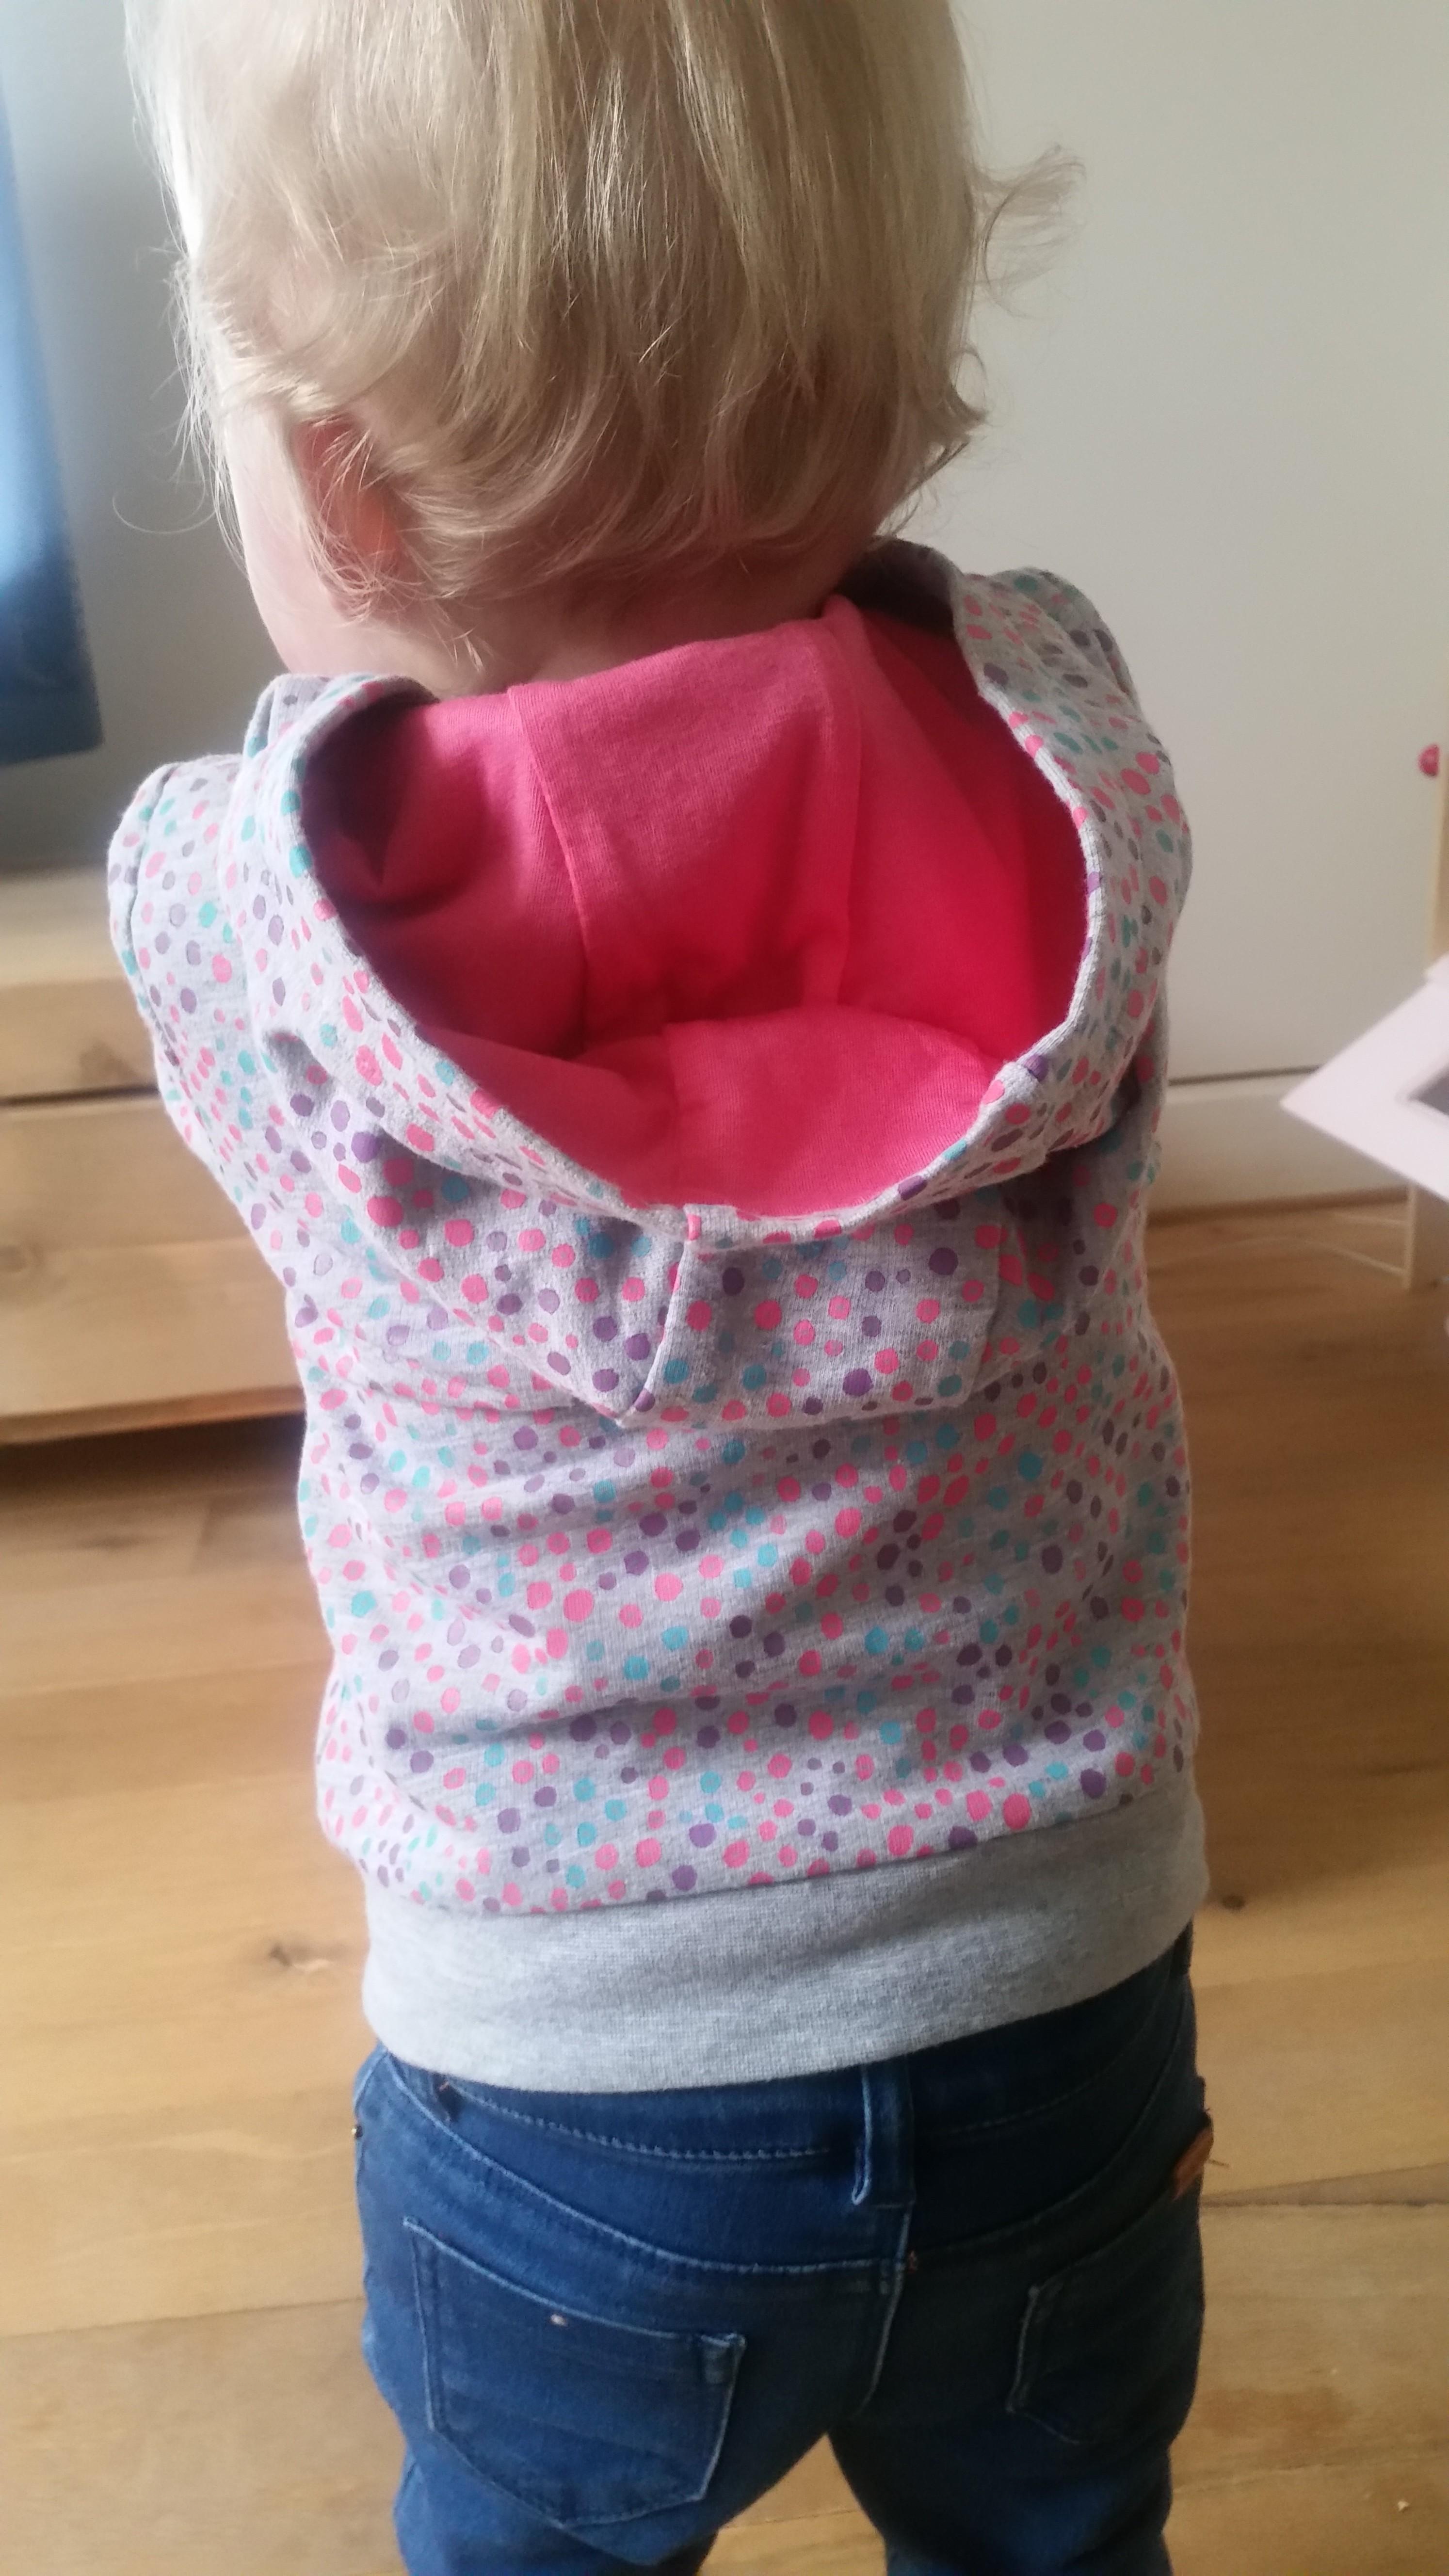 3-16-leuke-zeeman-kleding-kleren-vest-broek-joggingpak-grijs-gekleurde-stippen-vrolijk-baby-peuter-dreumes-nanny-moeder-nanny-annelon-blog-vlog